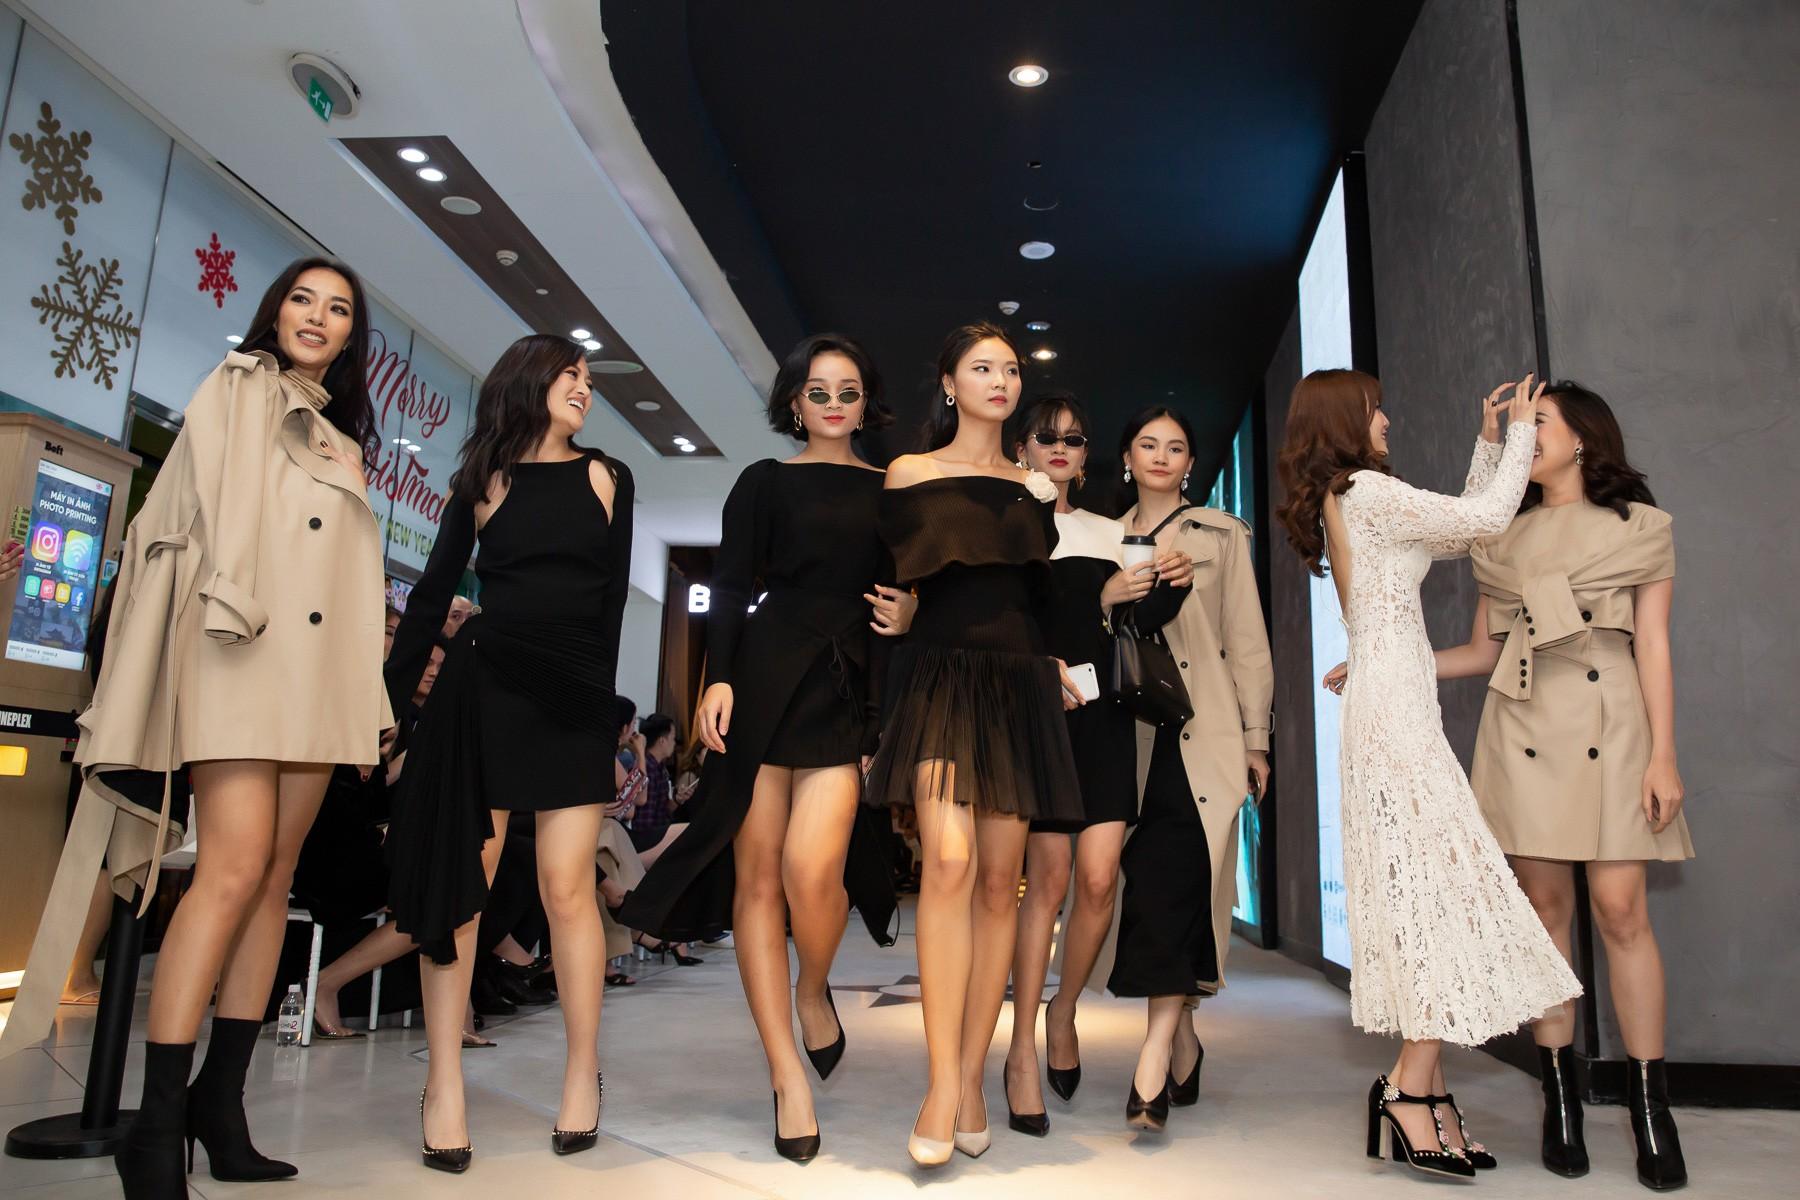 Dàn sao Gái Già Lắm Chiêu 2 bất ngờ gây náo loạn sàn catwalk, chinh phục công chúng bằng BTS ấn tượng của Lâm Gia Khang - Ảnh 15.